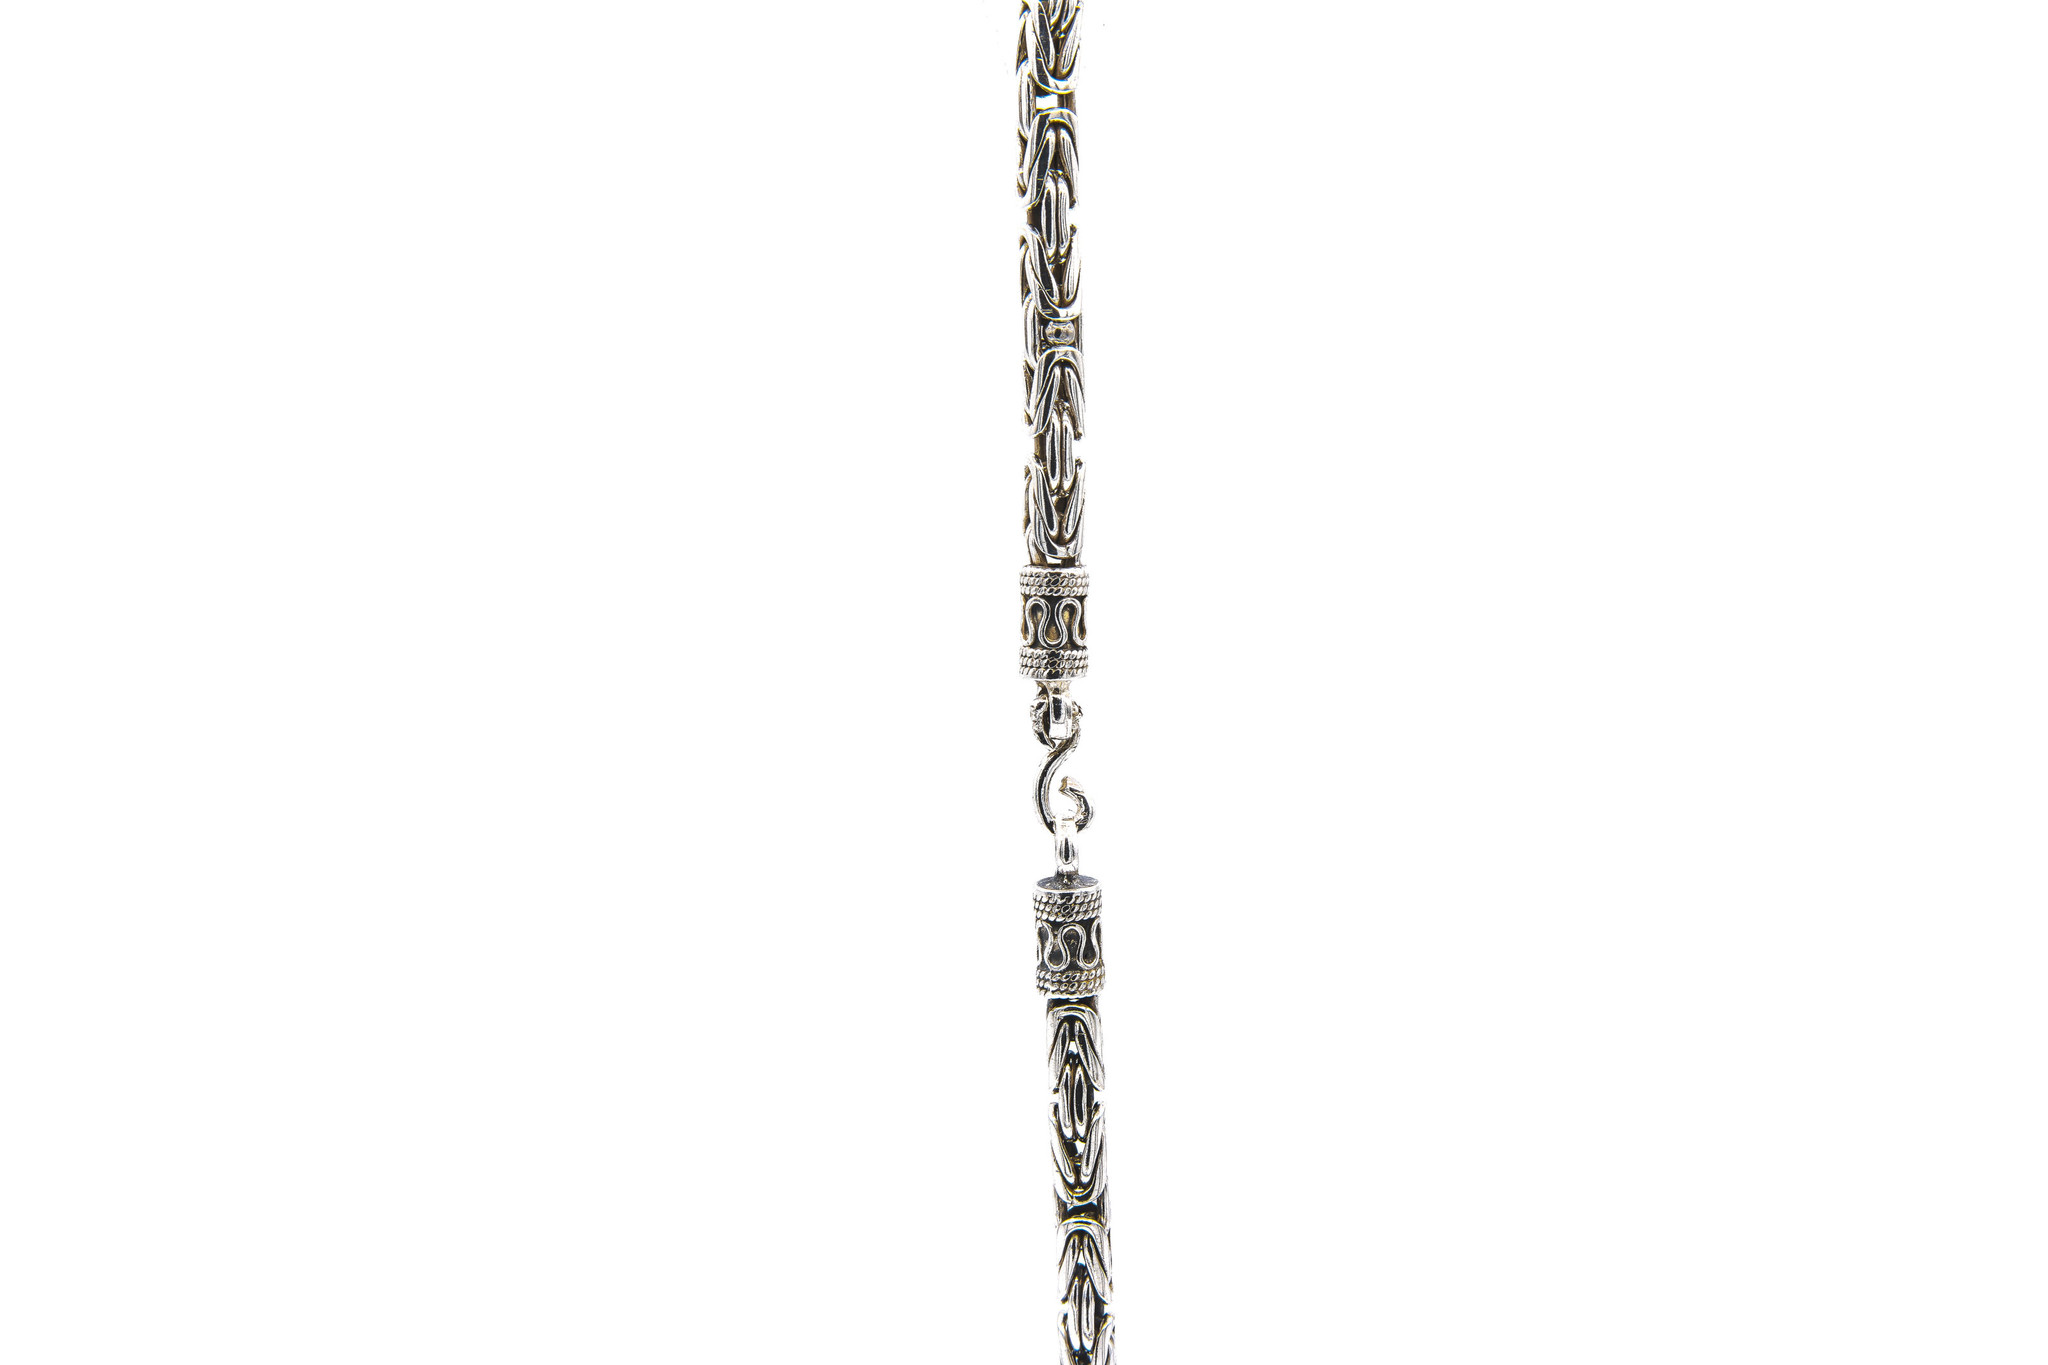 Ketting koningsschakel zilver-3